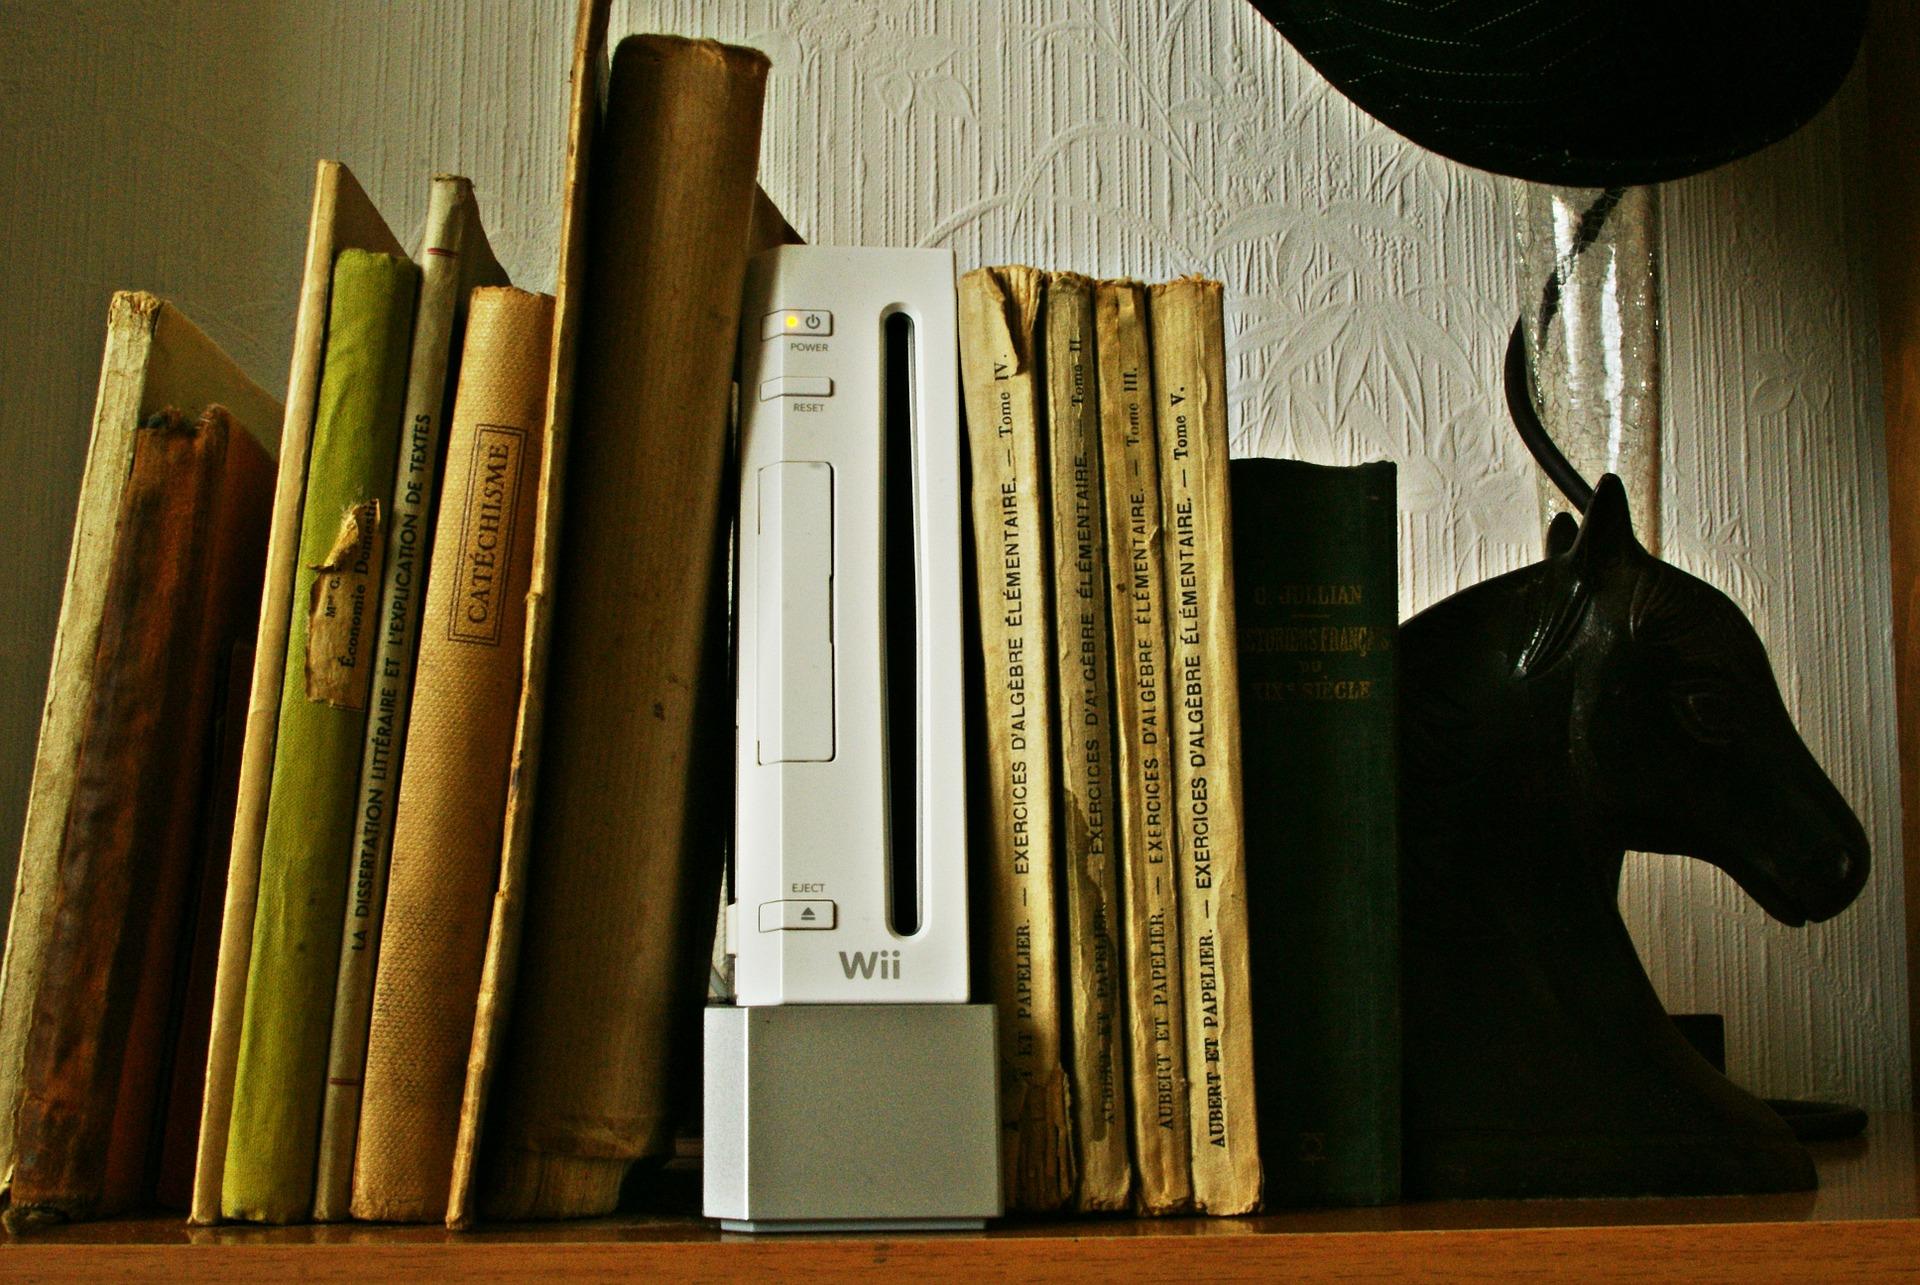 Consola de Nintendo Wii en estante entre a libros